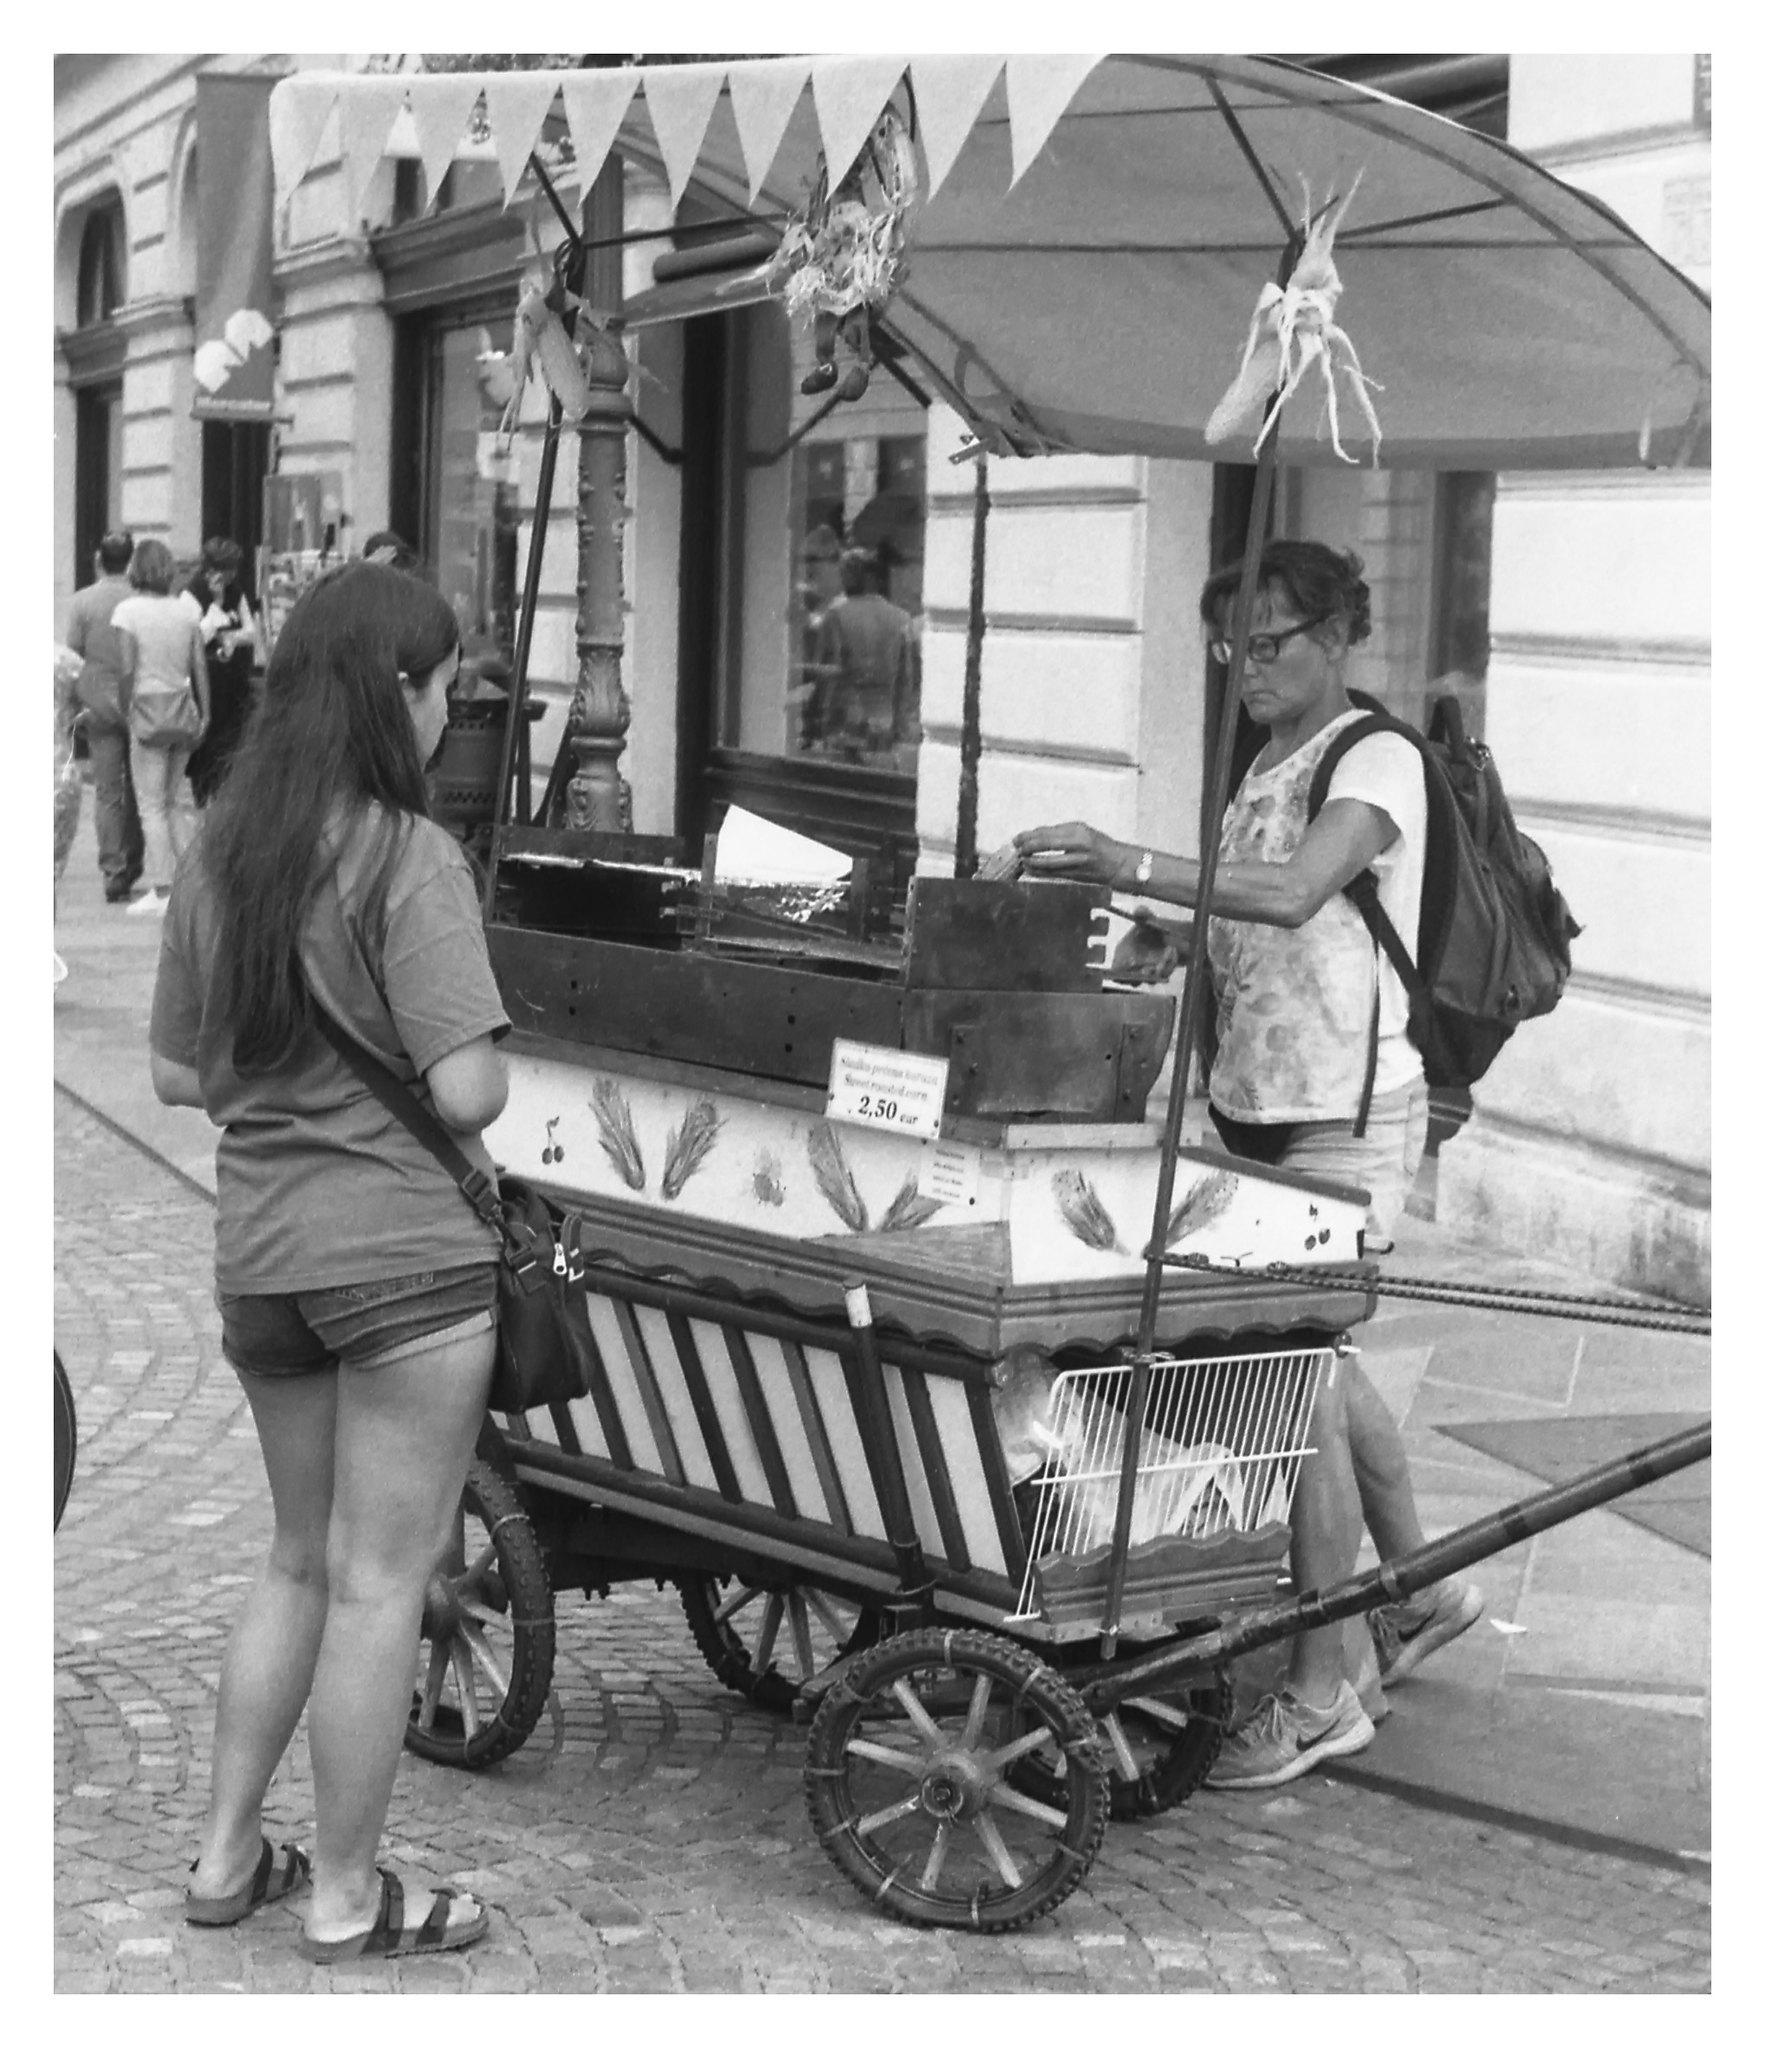 Ljublijana food stand